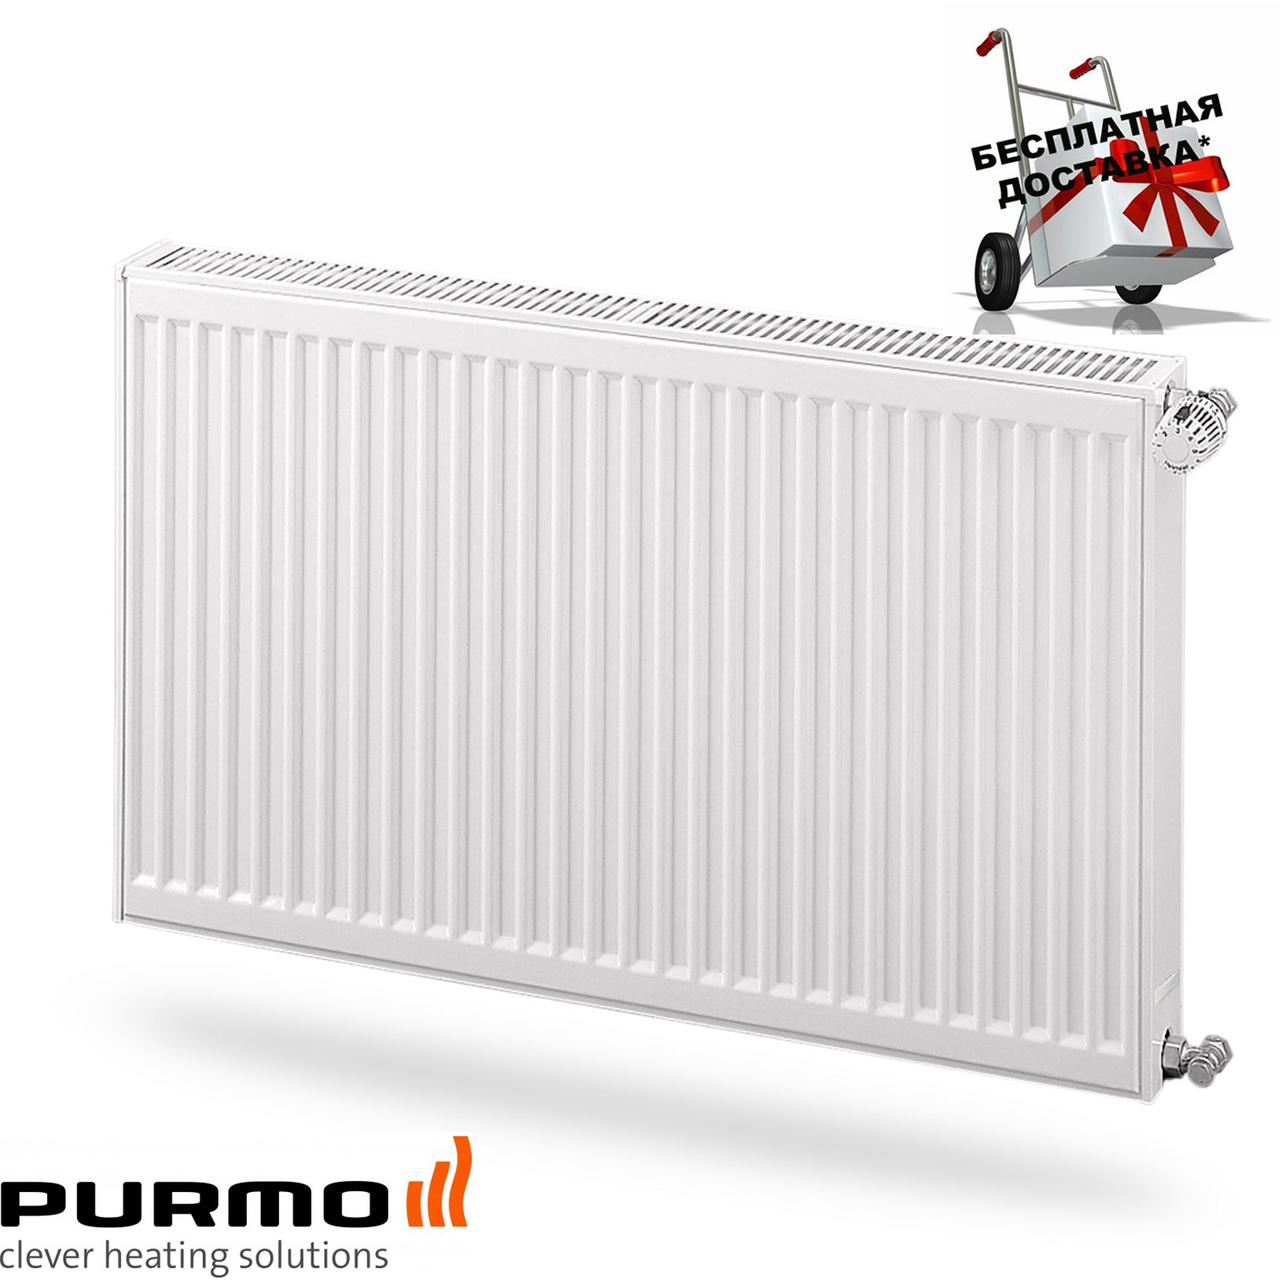 Стальной (панельный) радиатор PURMO Compact т22 300x1000 боковое подключение